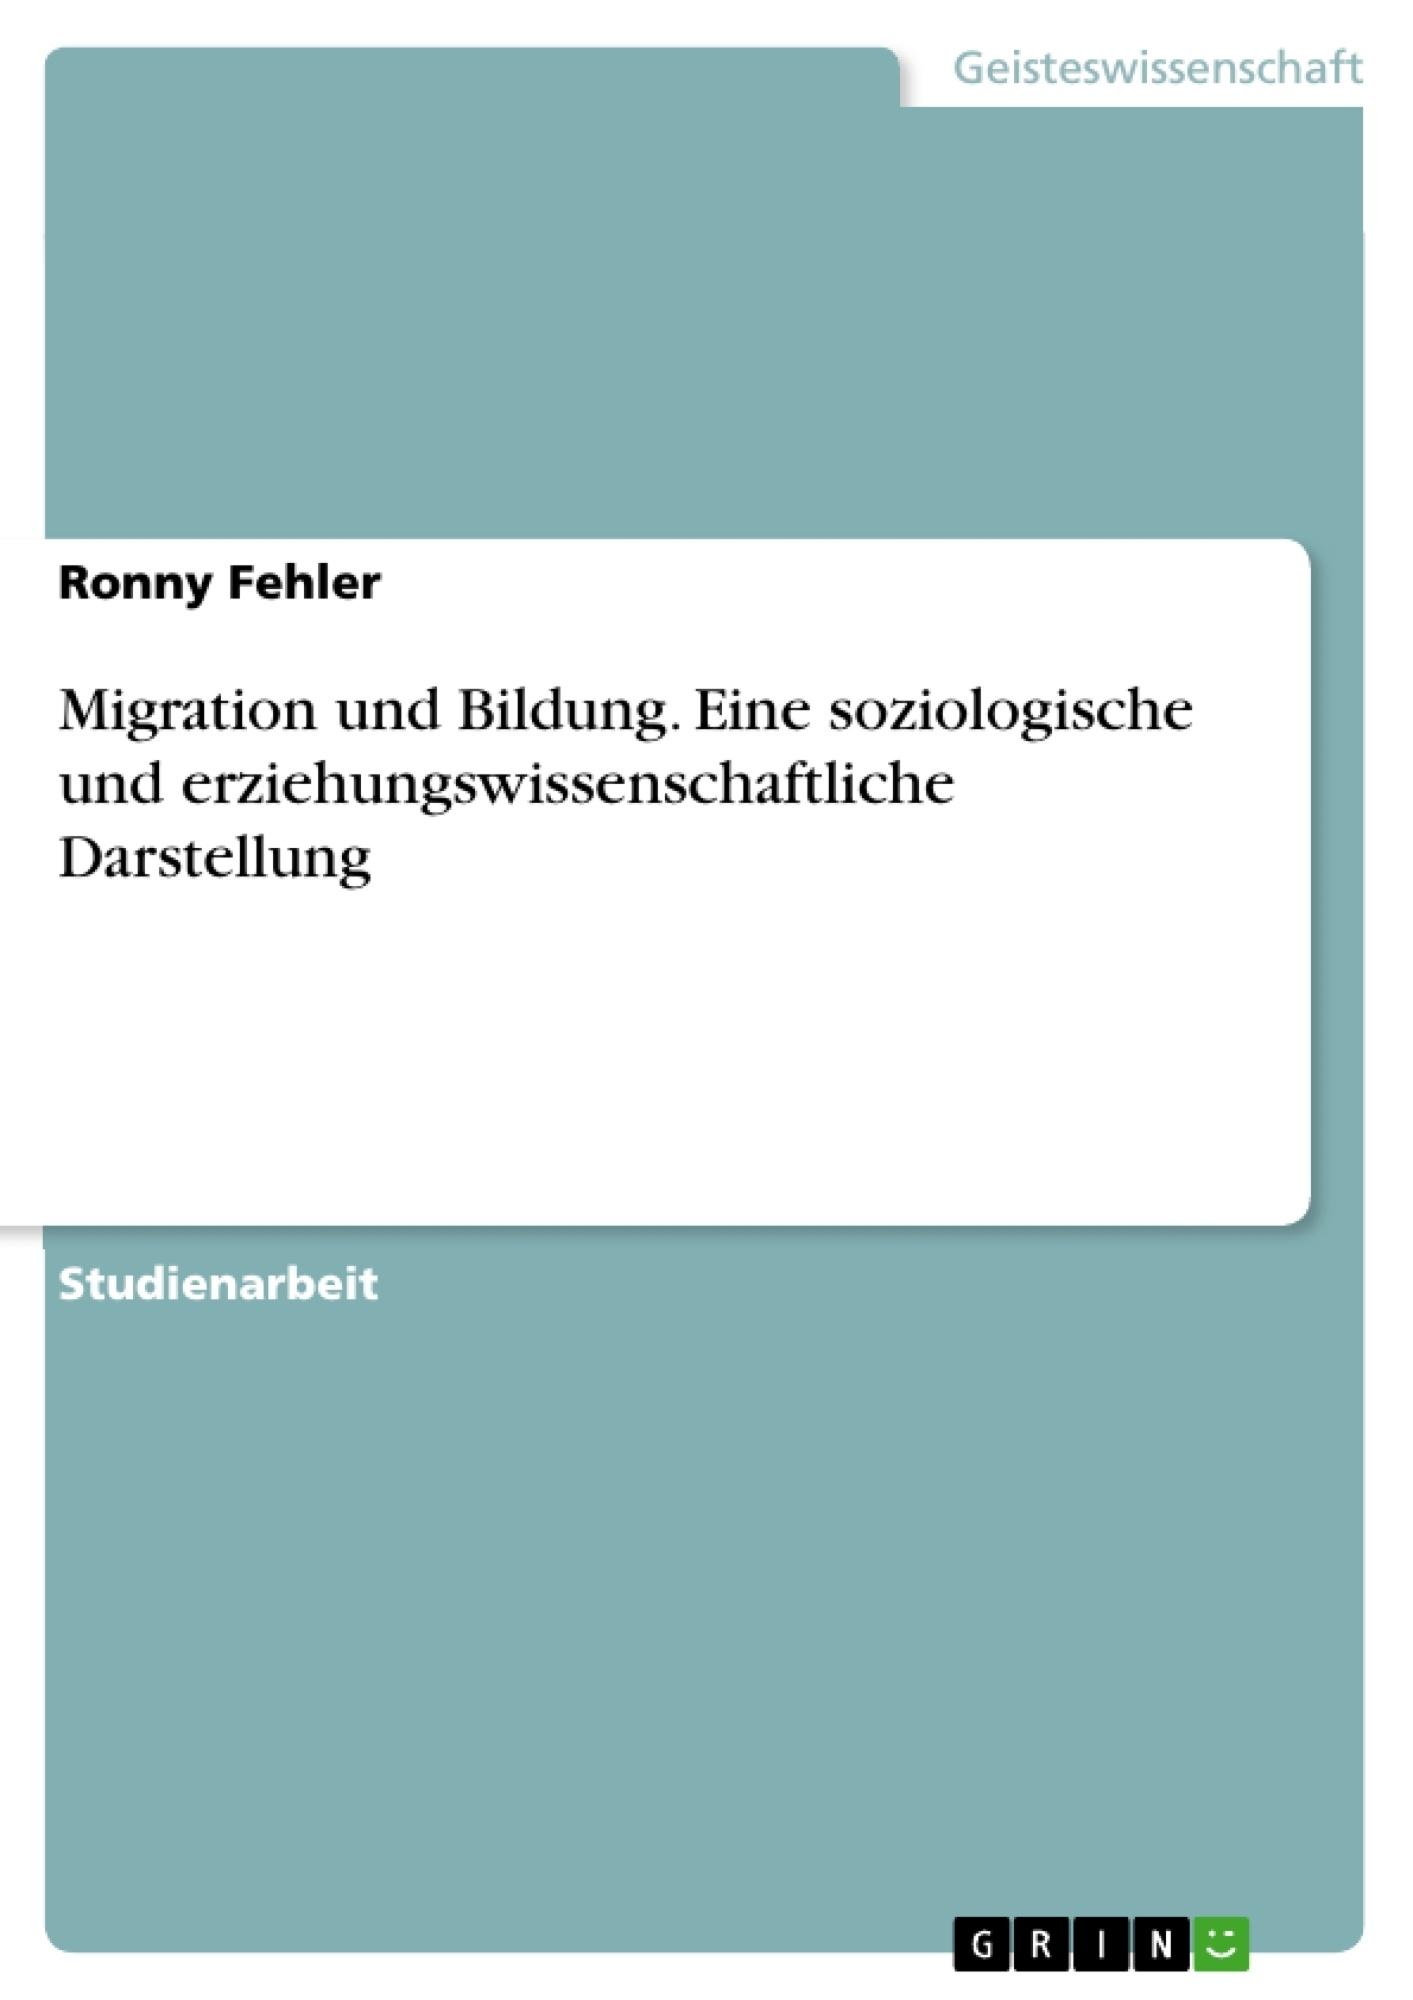 Titel: Migration und Bildung. Eine soziologische und erziehungswissenschaftliche Darstellung